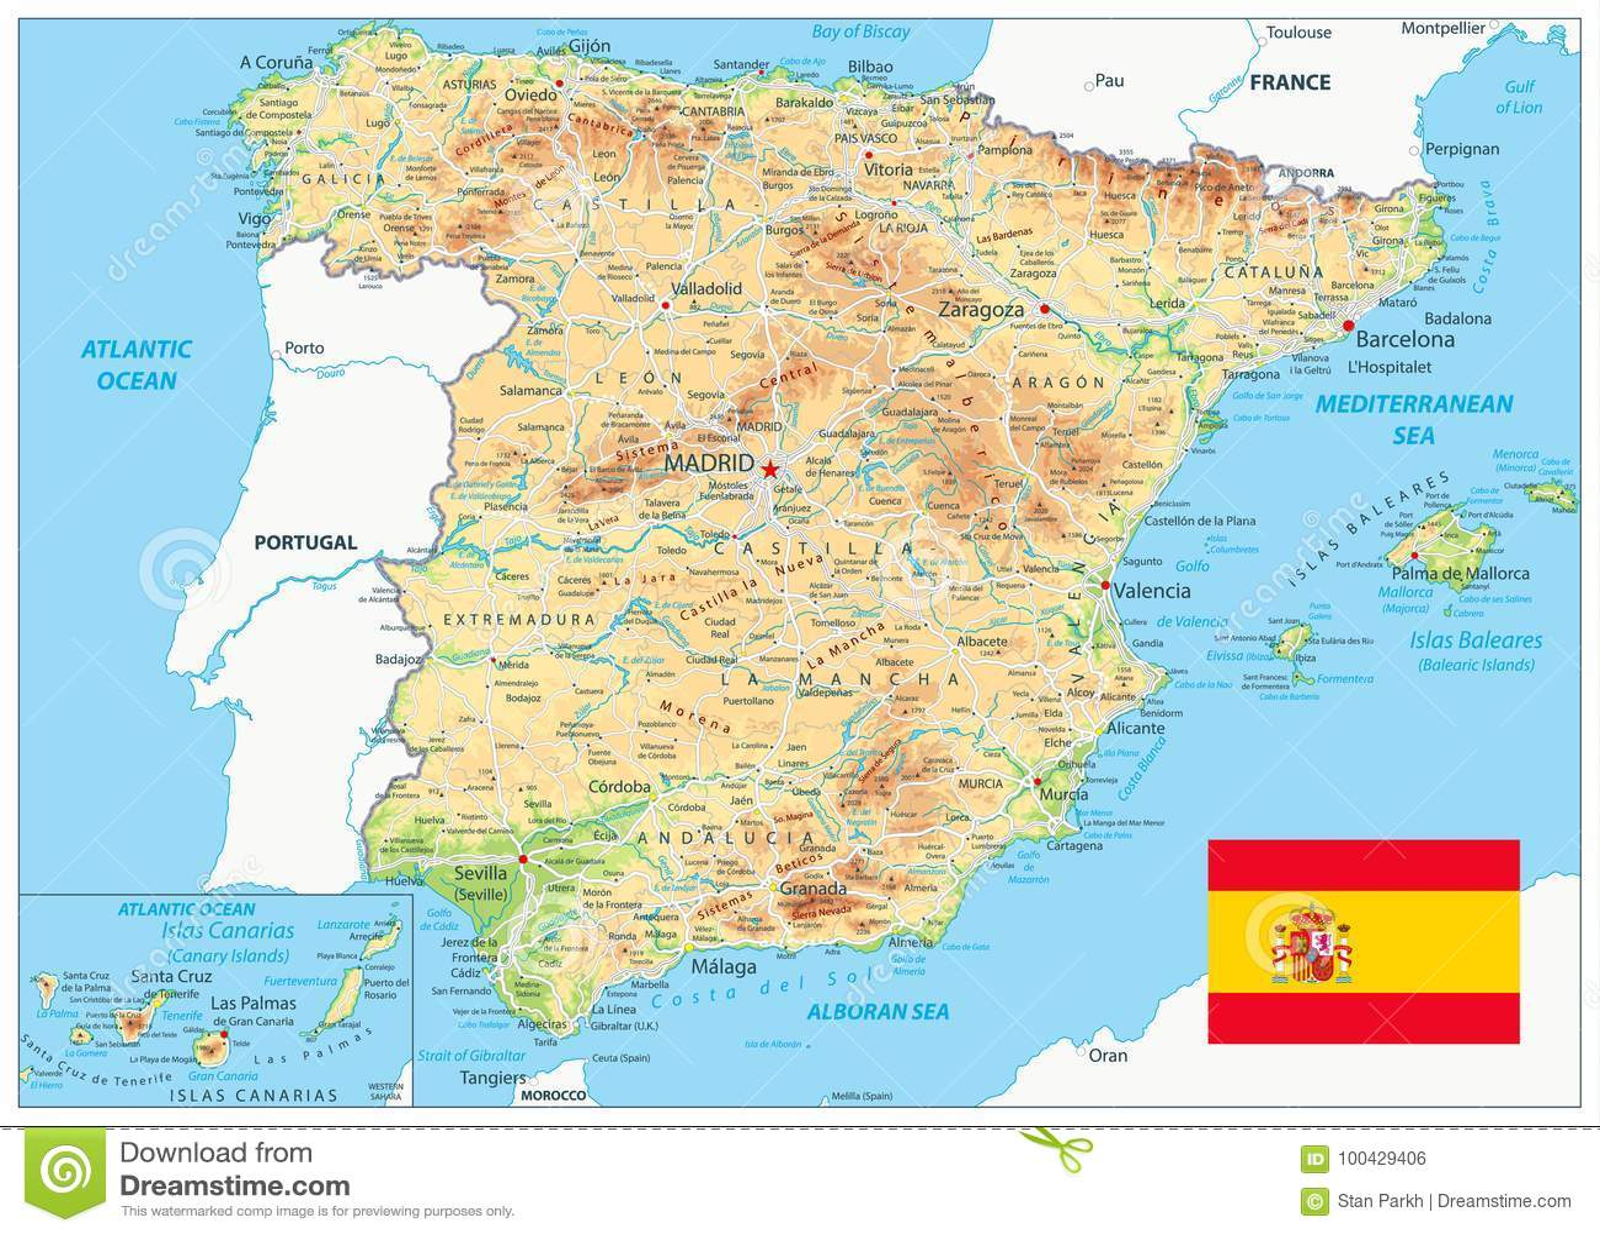 Cartina Muta Della Spagna Da Completare.Portogallo Cartina Fisica E Politica Concita De Gregorio Repubblica Del 15 Giugno 2019 Le Mappe O Carte Politiche Sono Progettate Per Mostrare I Confini Governativi Di Paesi Stati E